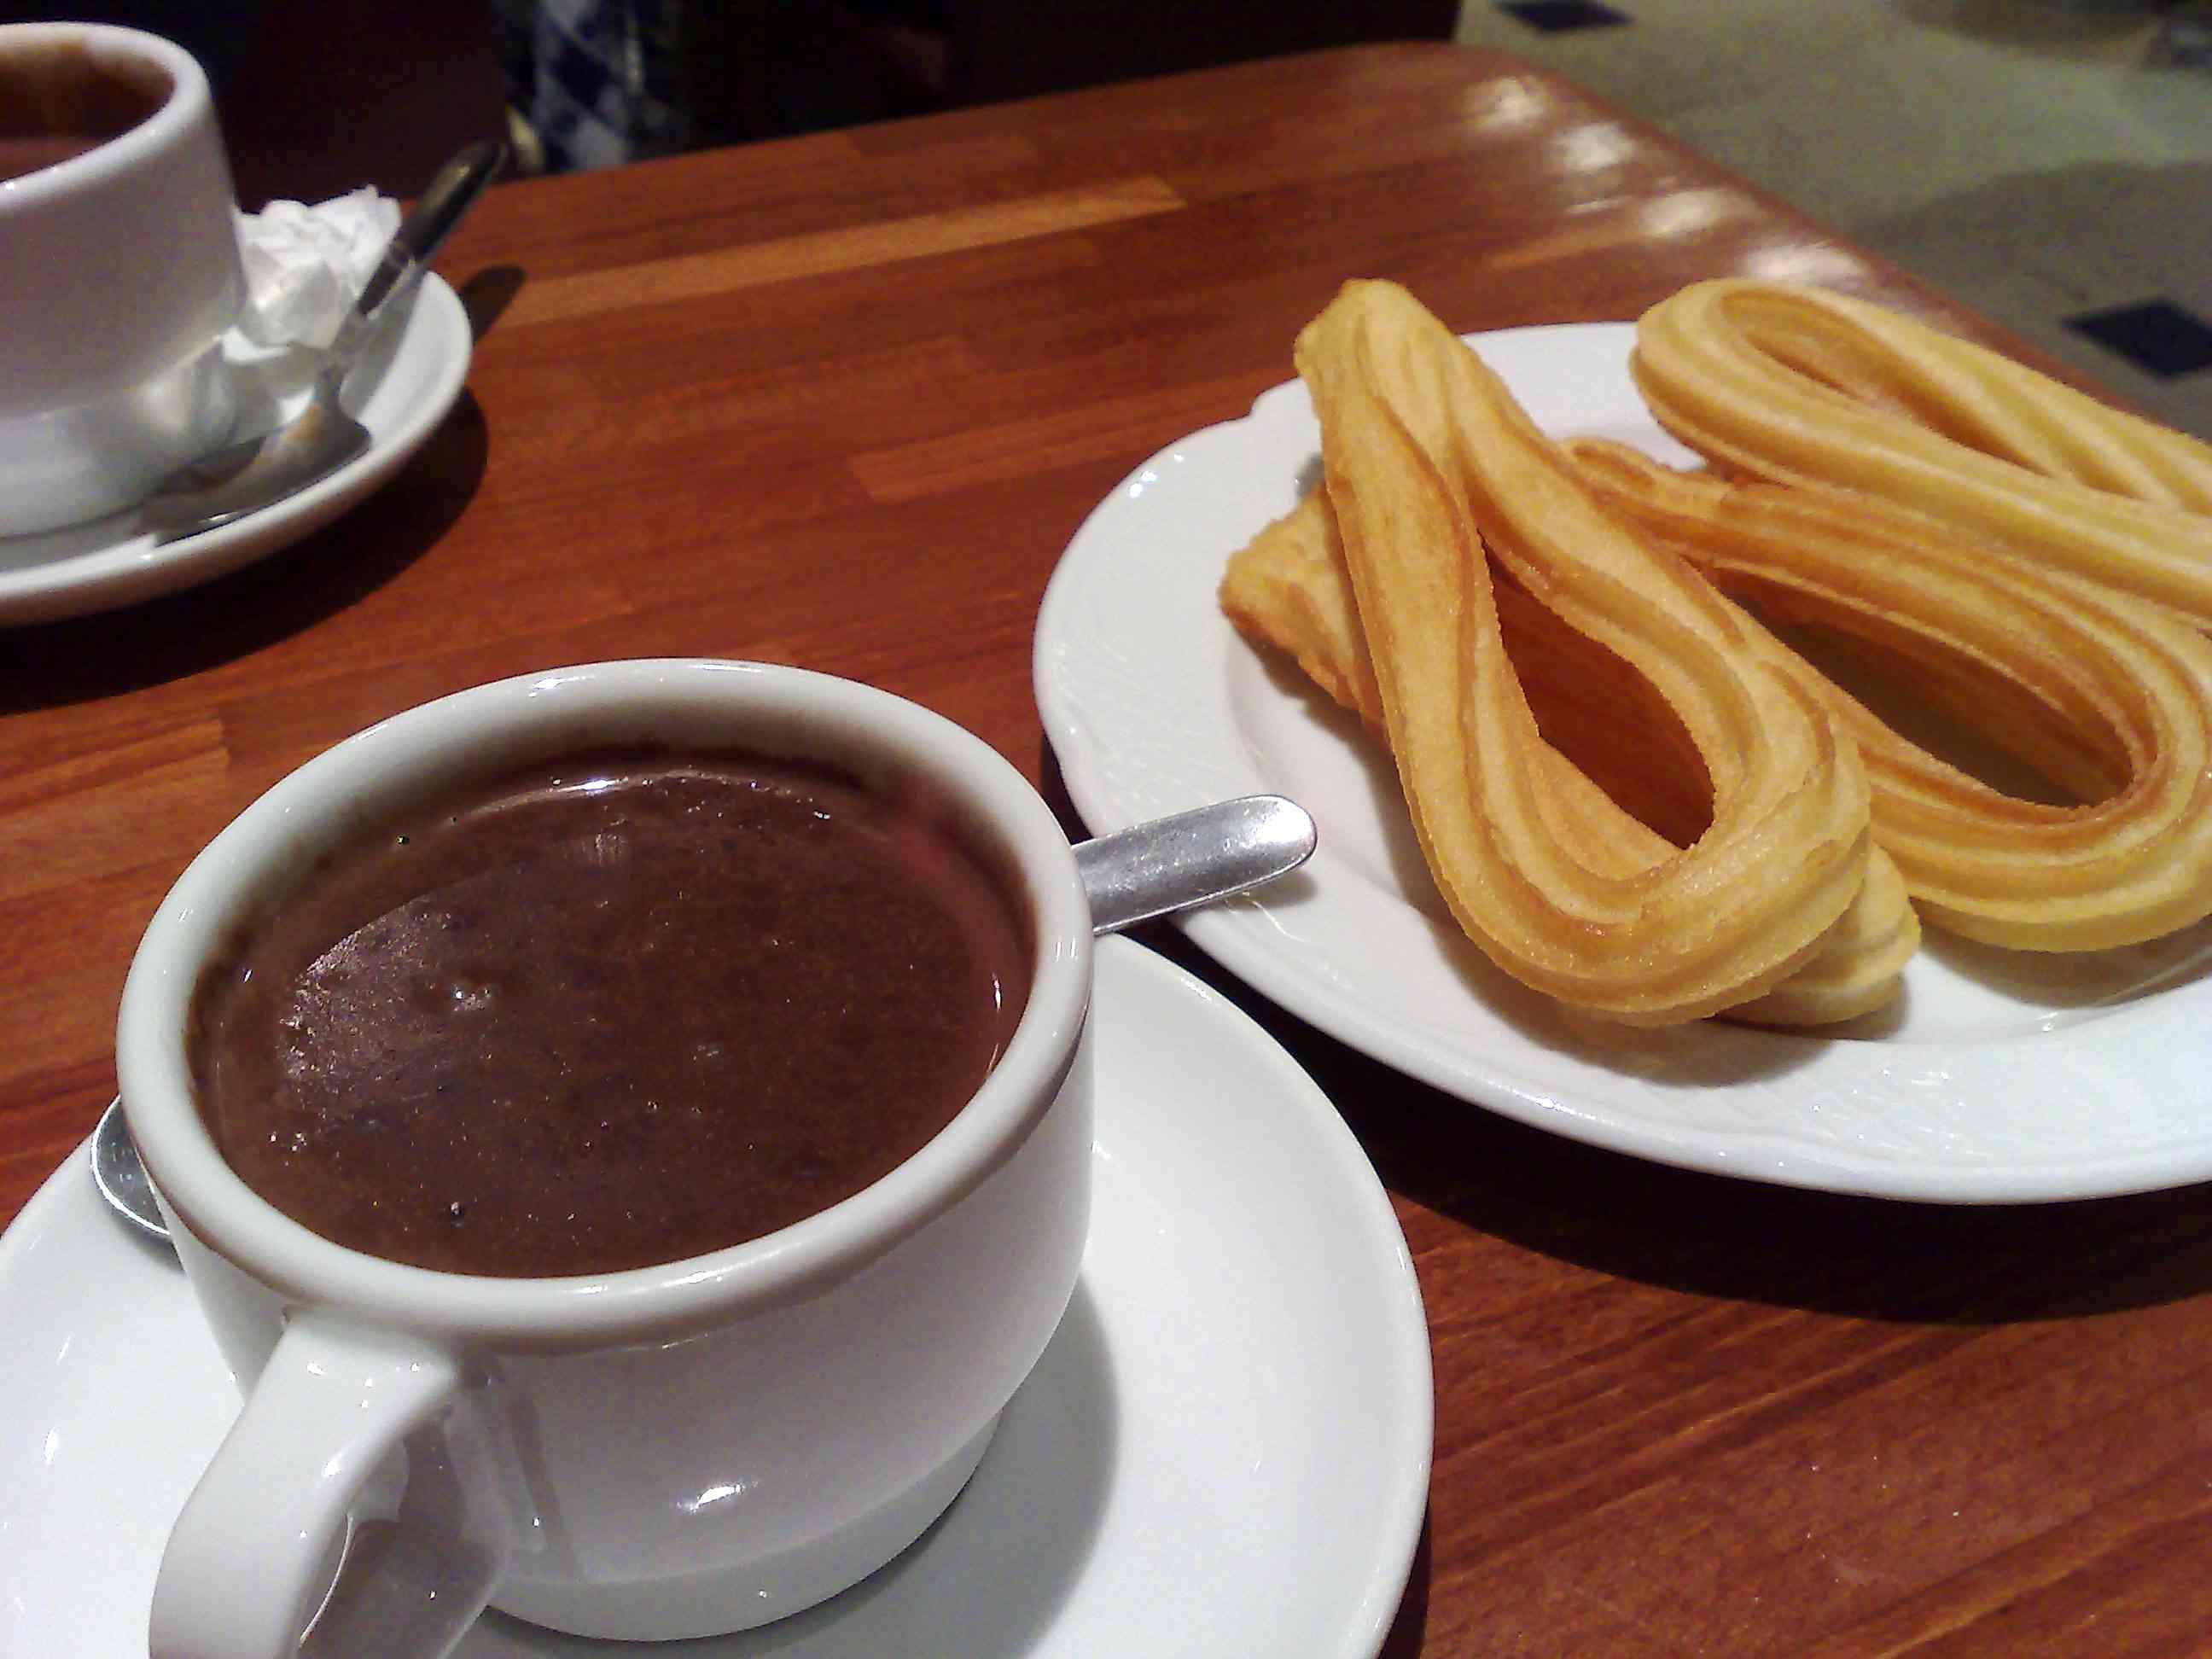 ¿Cuál es el origen del chocolate caliente? 2